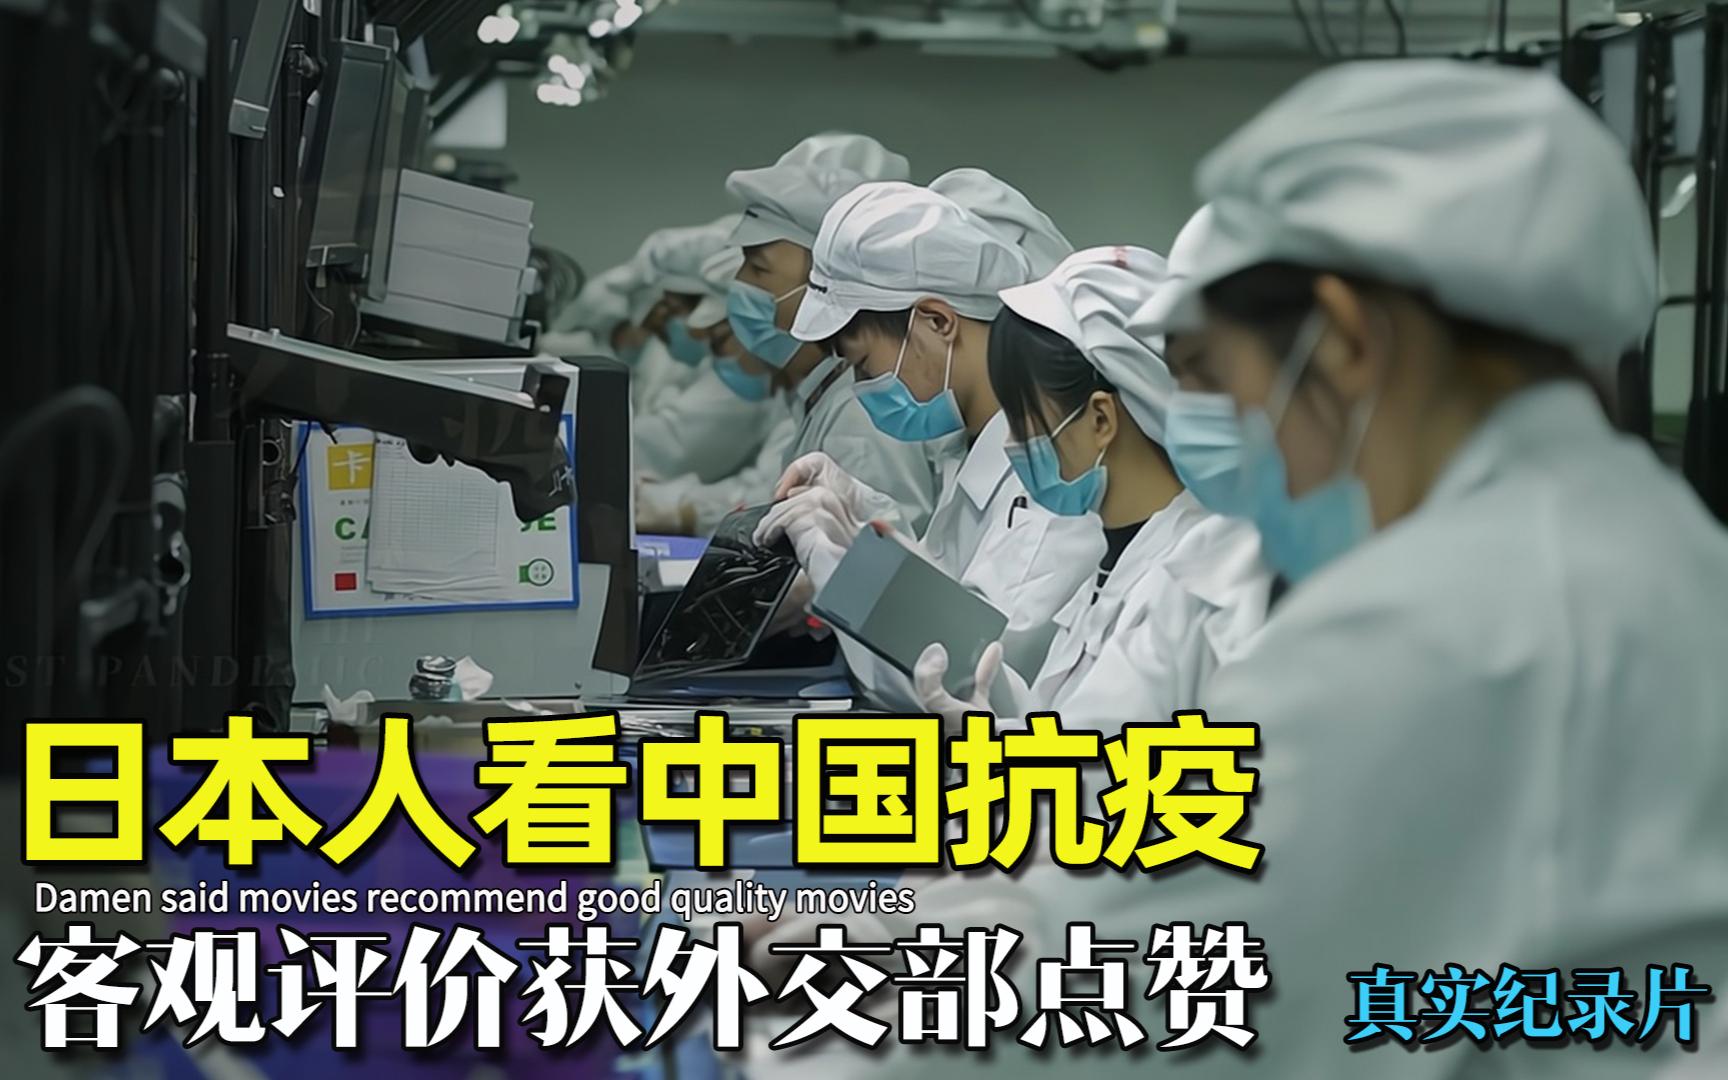 日本人眼中的中国疫情防控,拍摄成记录片,收获外交部点赞